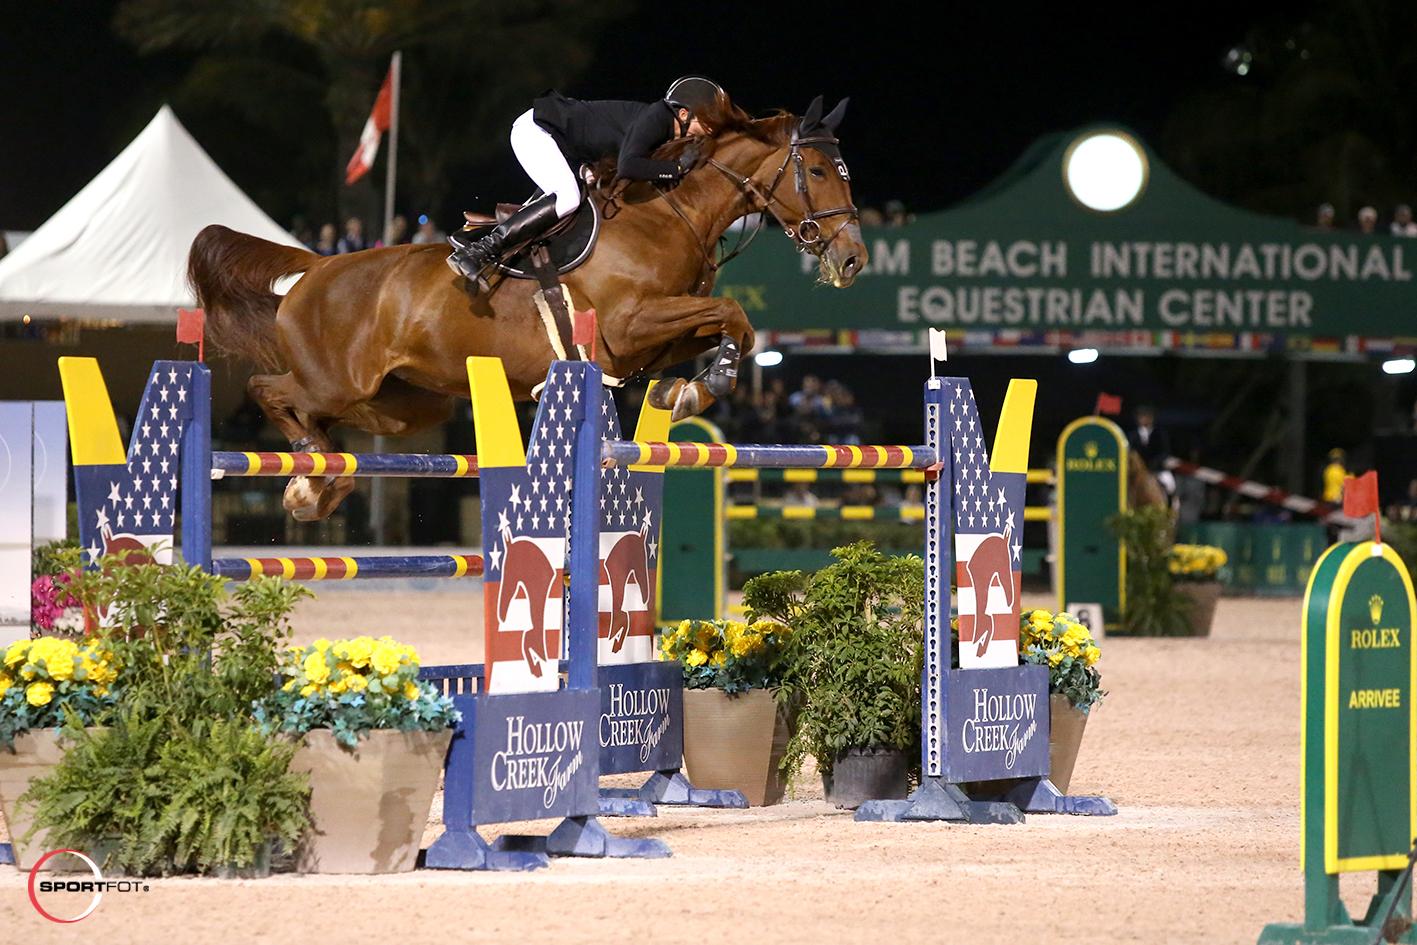 Lucas Porter and Diamonte Darco HCF 324_6765 Sportfot